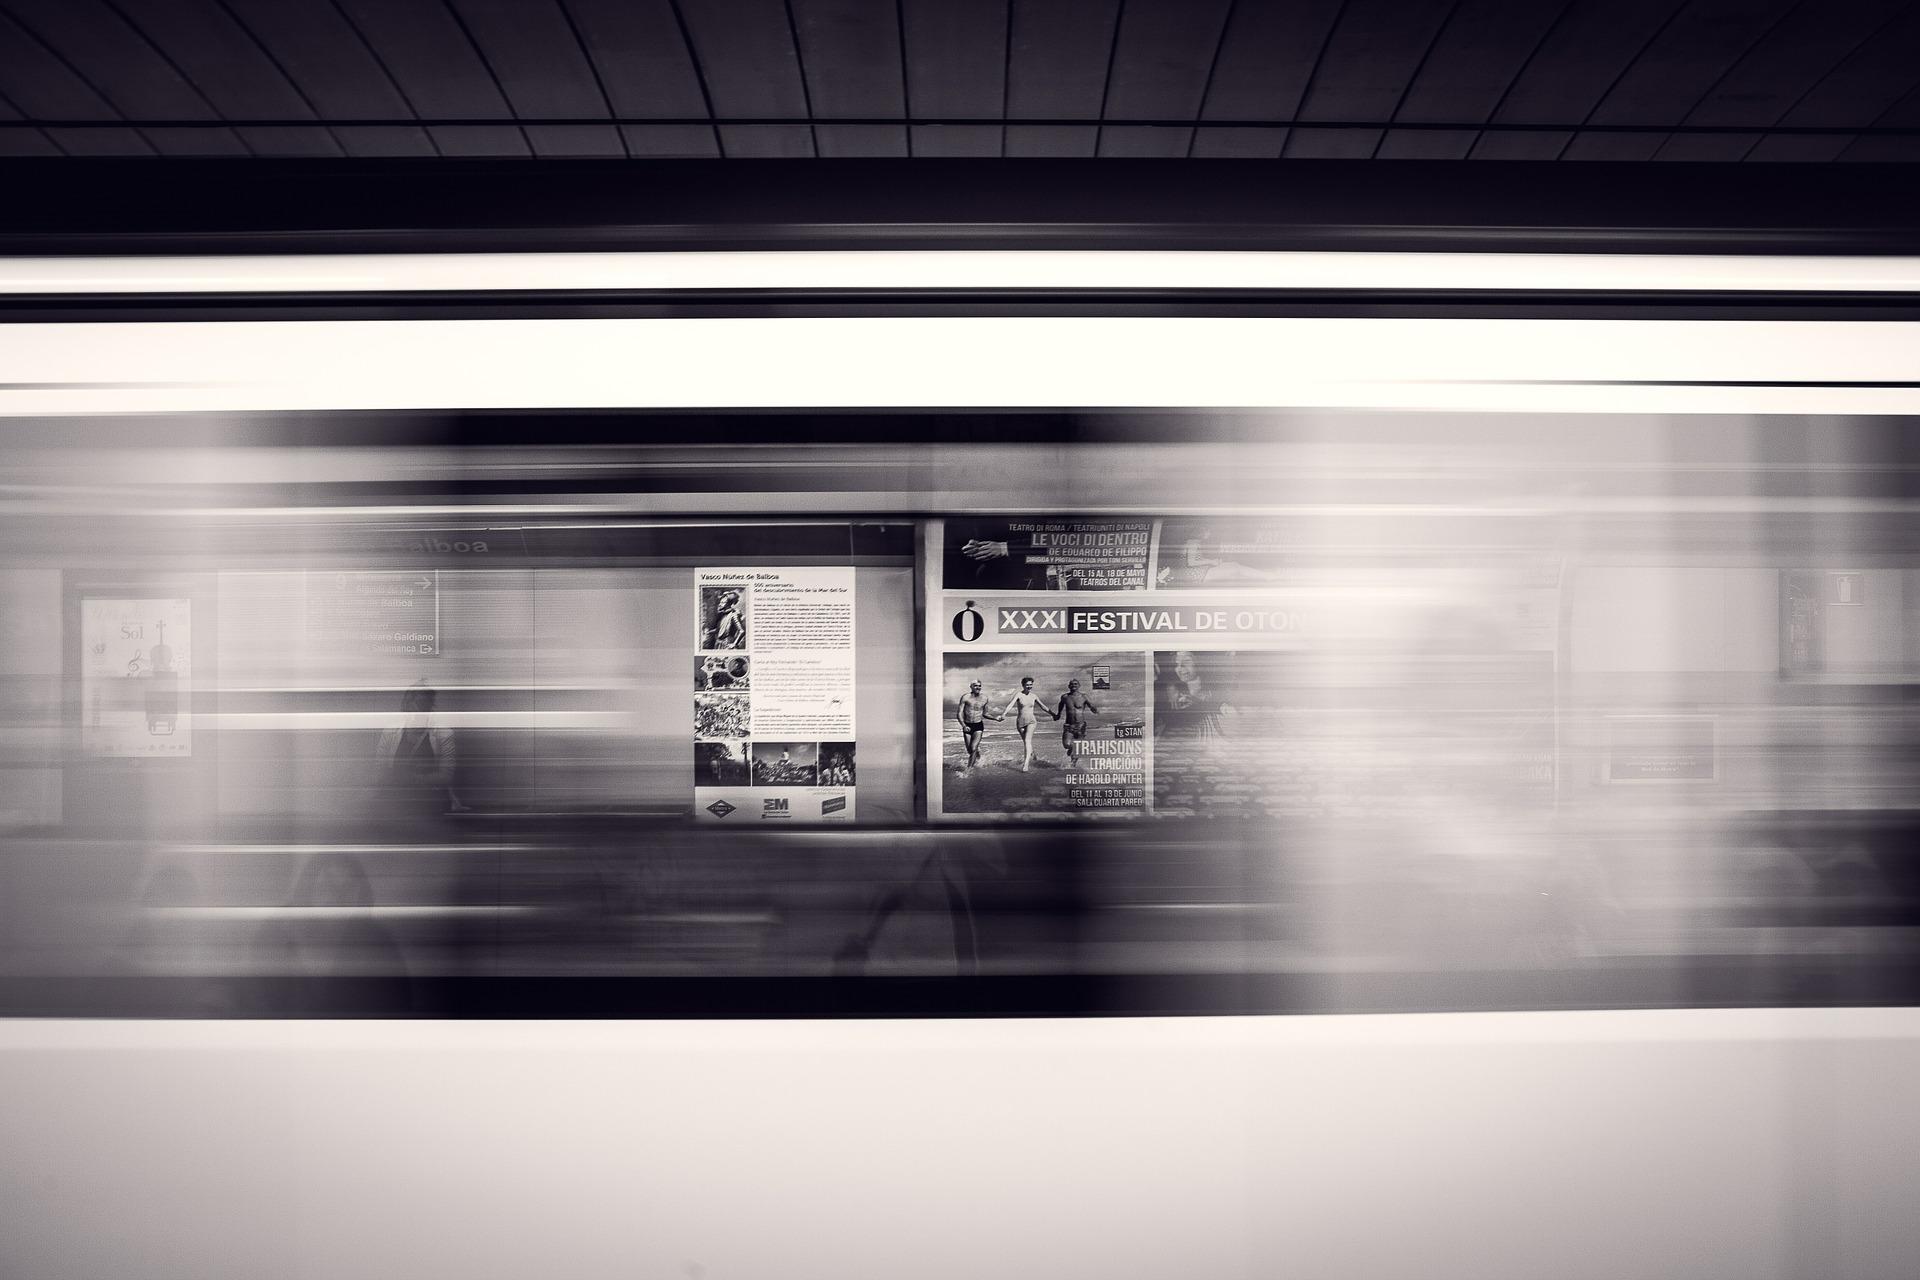 affiches publicitaires en intérieur